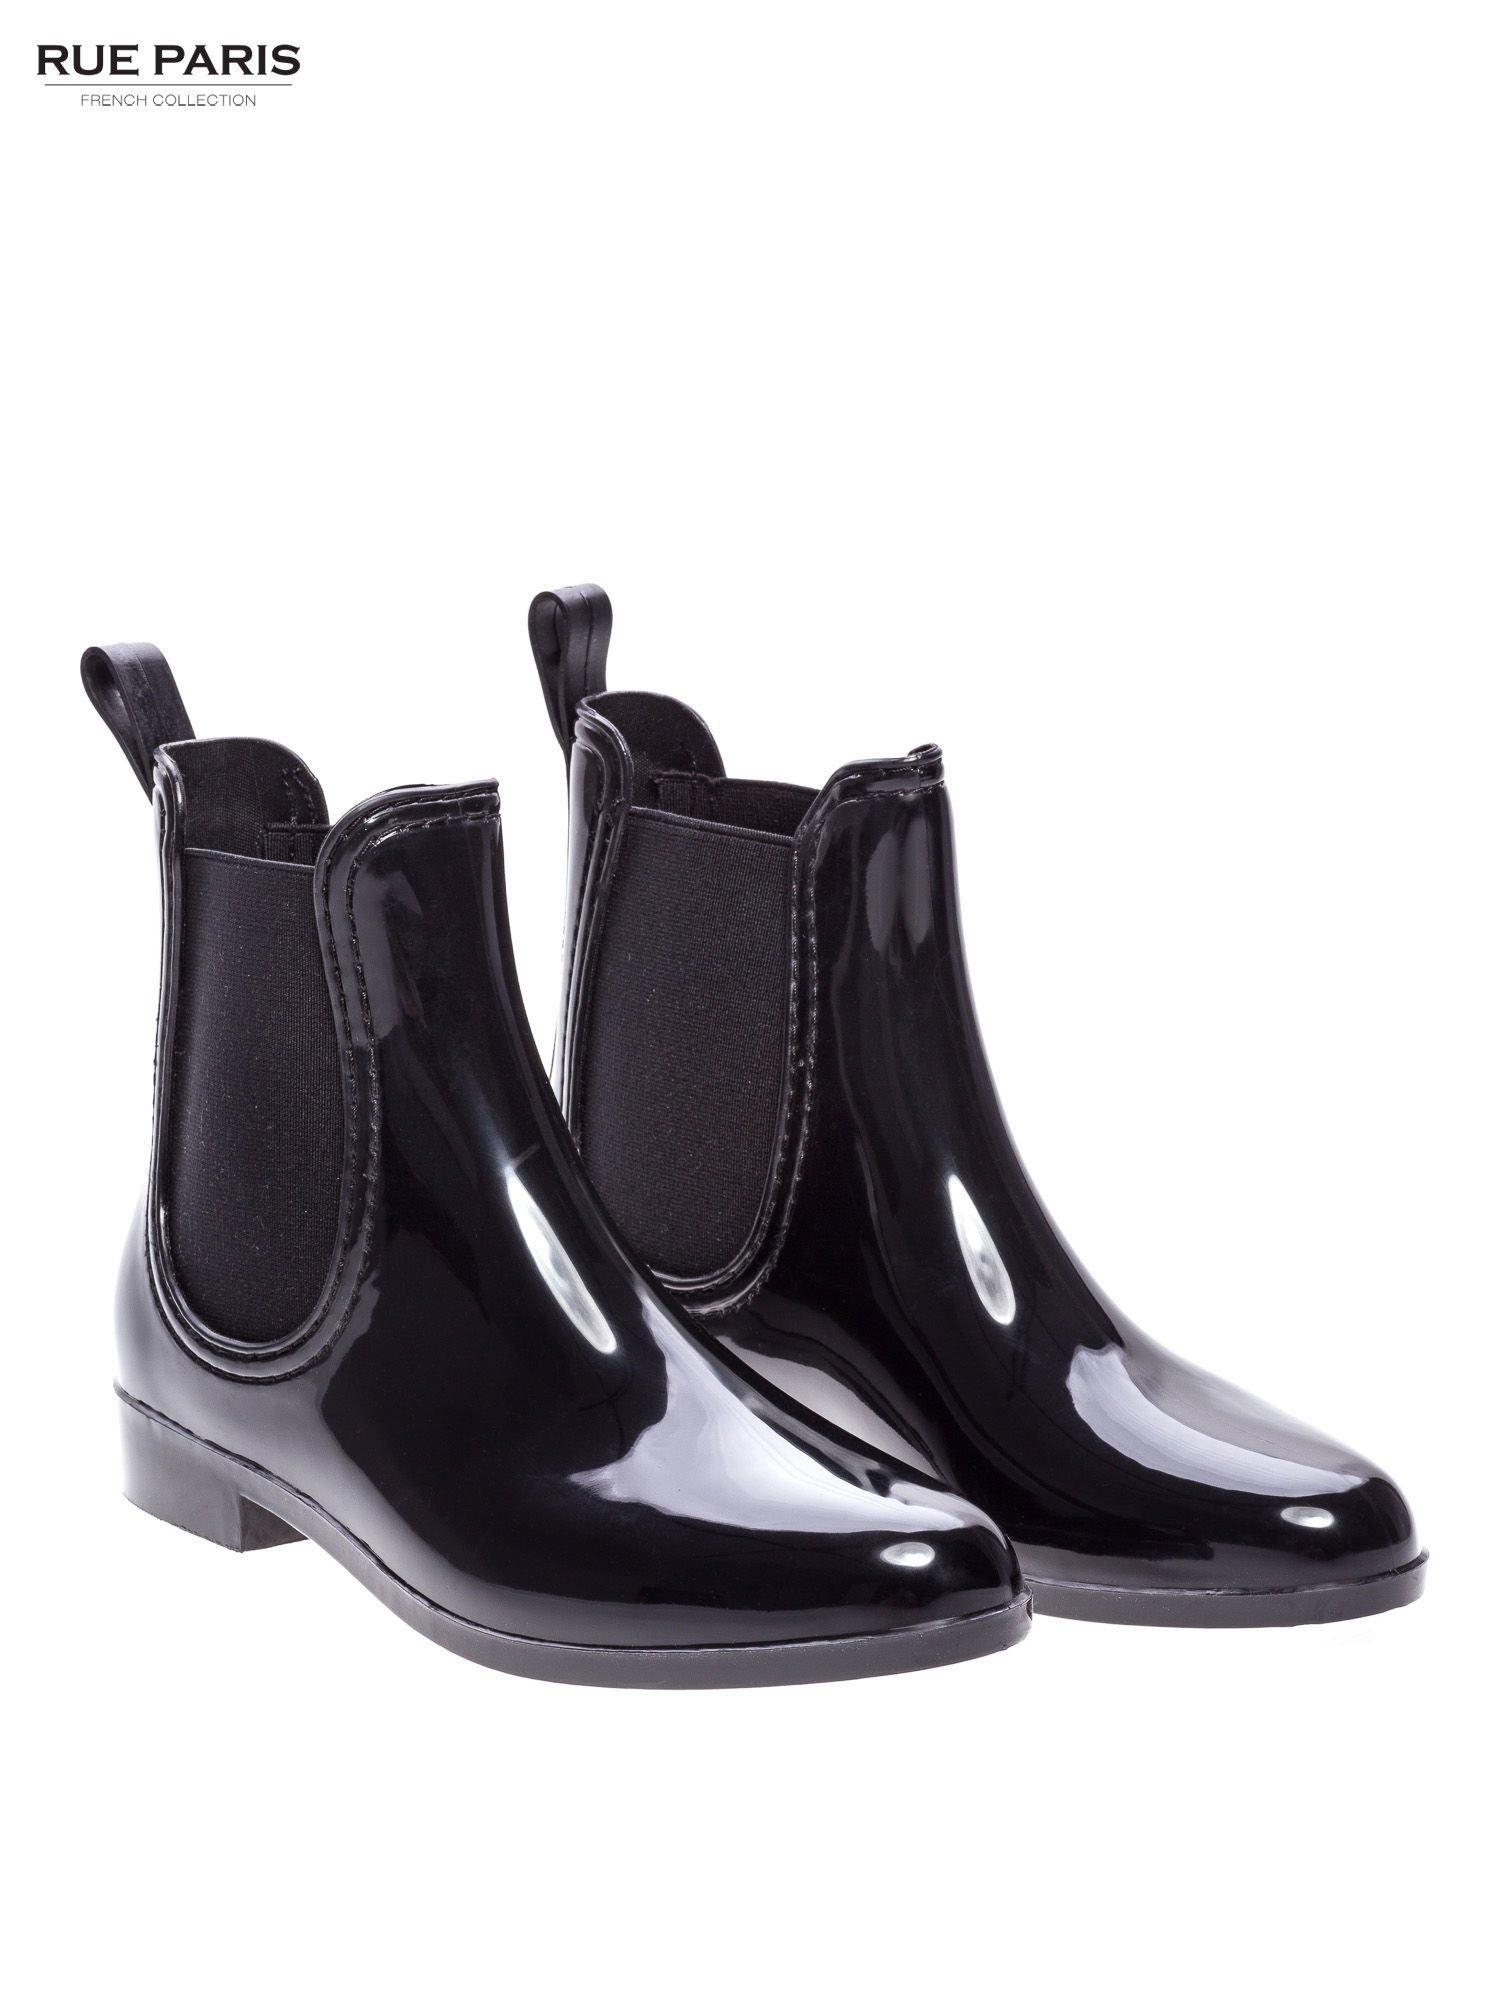 a9d1b6b18ec0e Czarne krótkie lakierowane kalosze w stylu sztybletów - Buty Kalosze ...